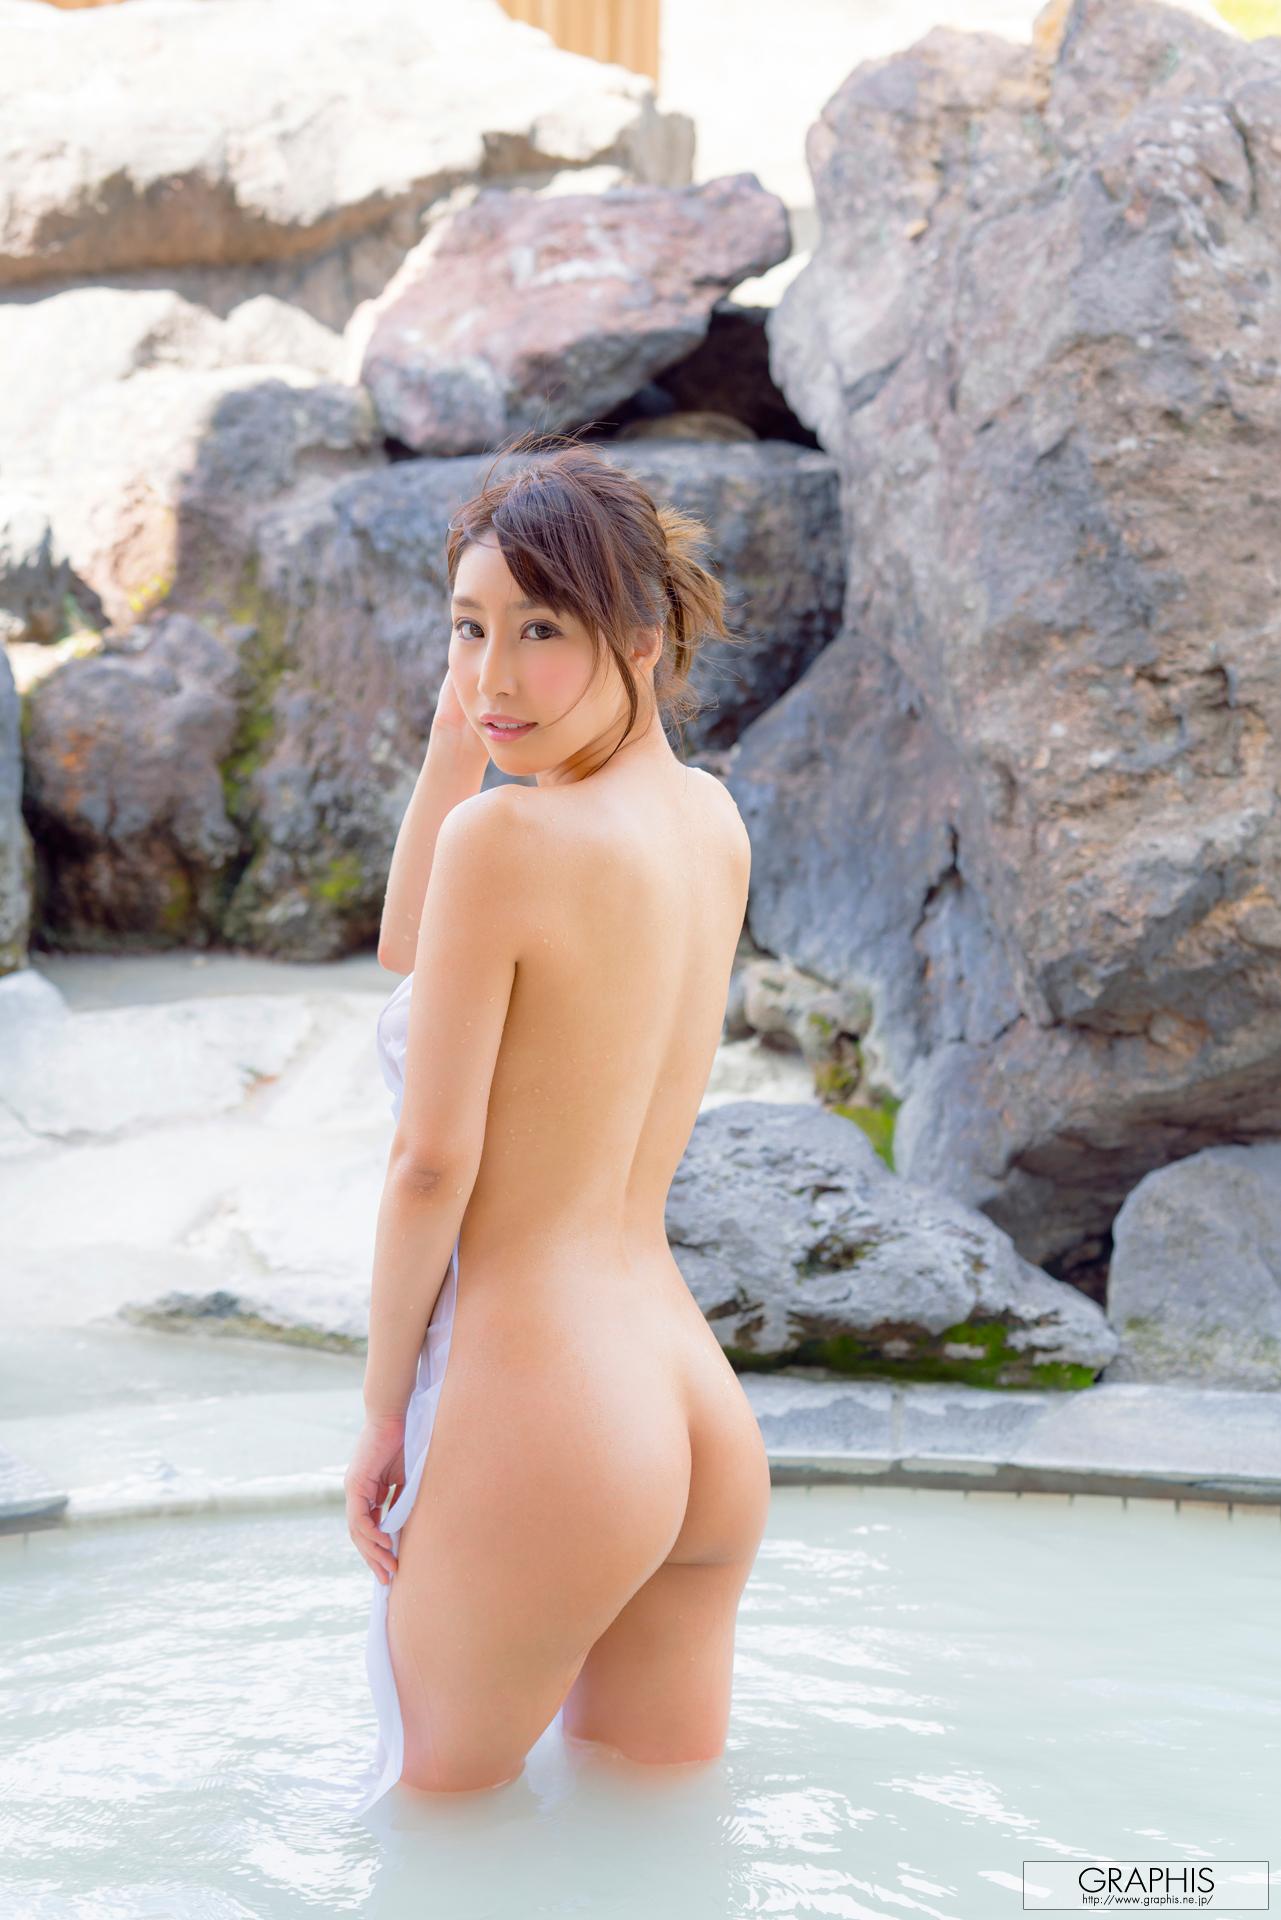 image http://scanlover.com/assets/images/1561-R40eCJsphEboYLJo.jpeg